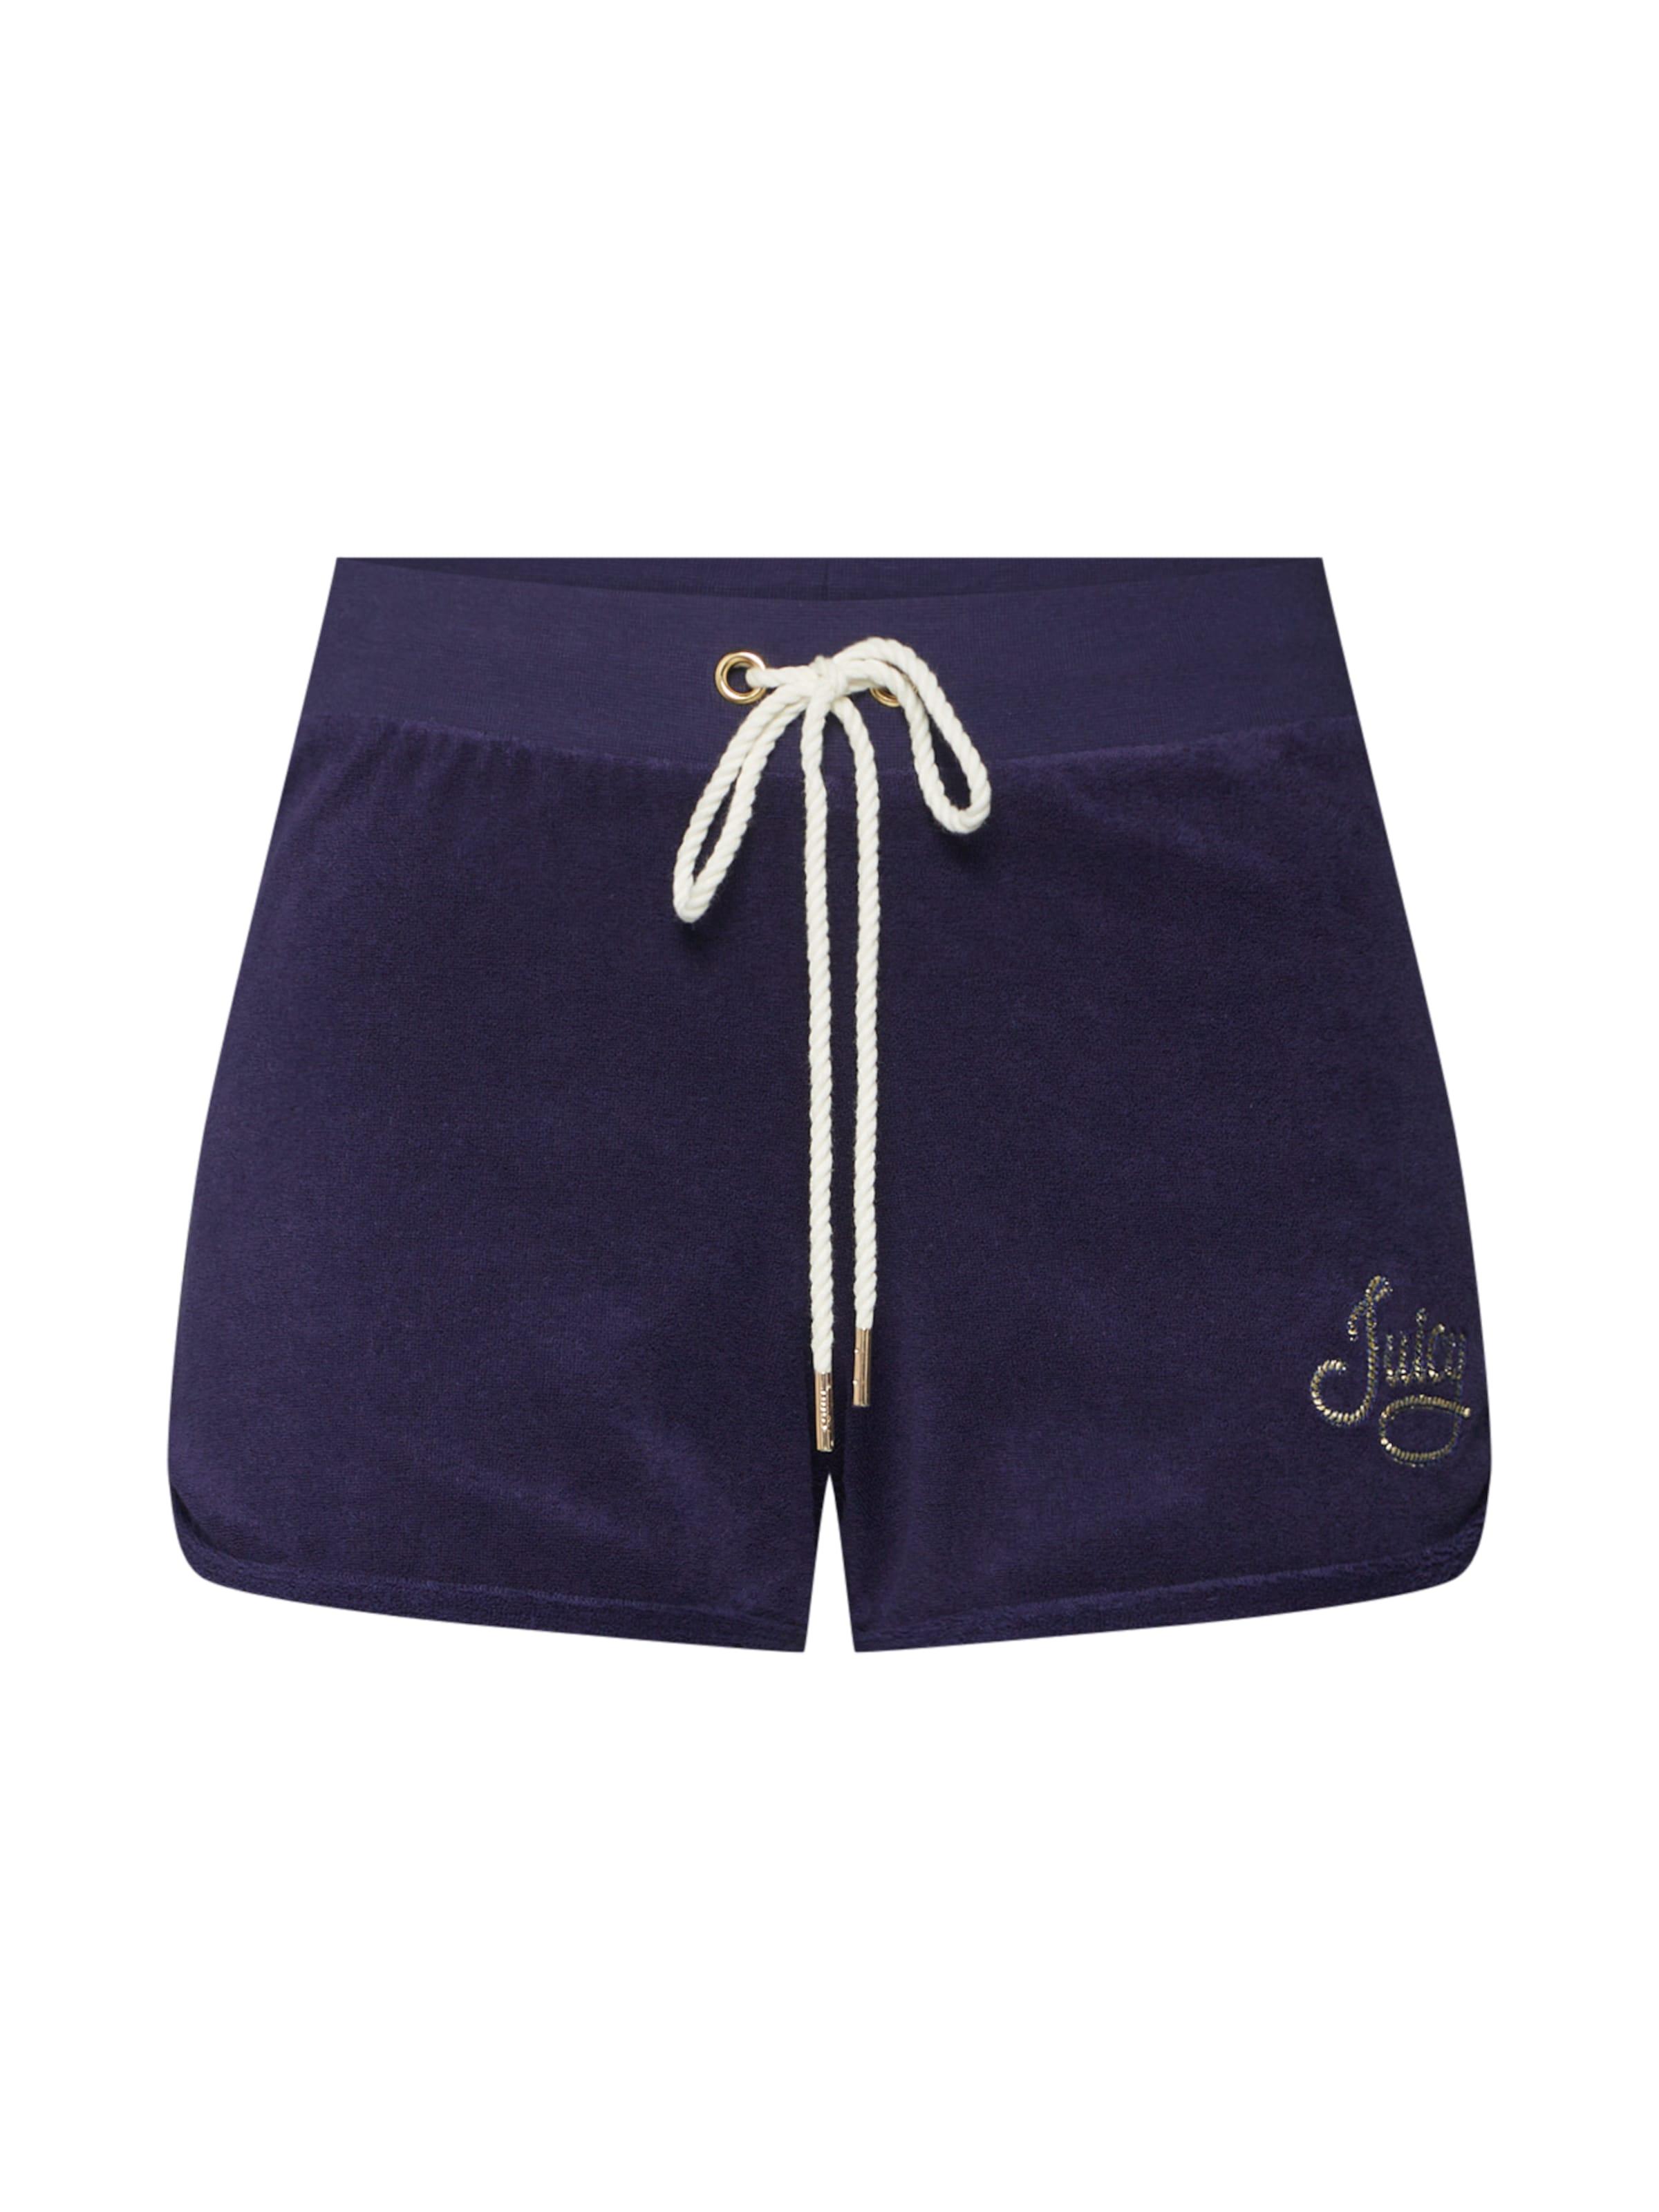 Pantalon Juicy 'rope Black Label Couture Short' Bleu Micro Terry En MUpzVS